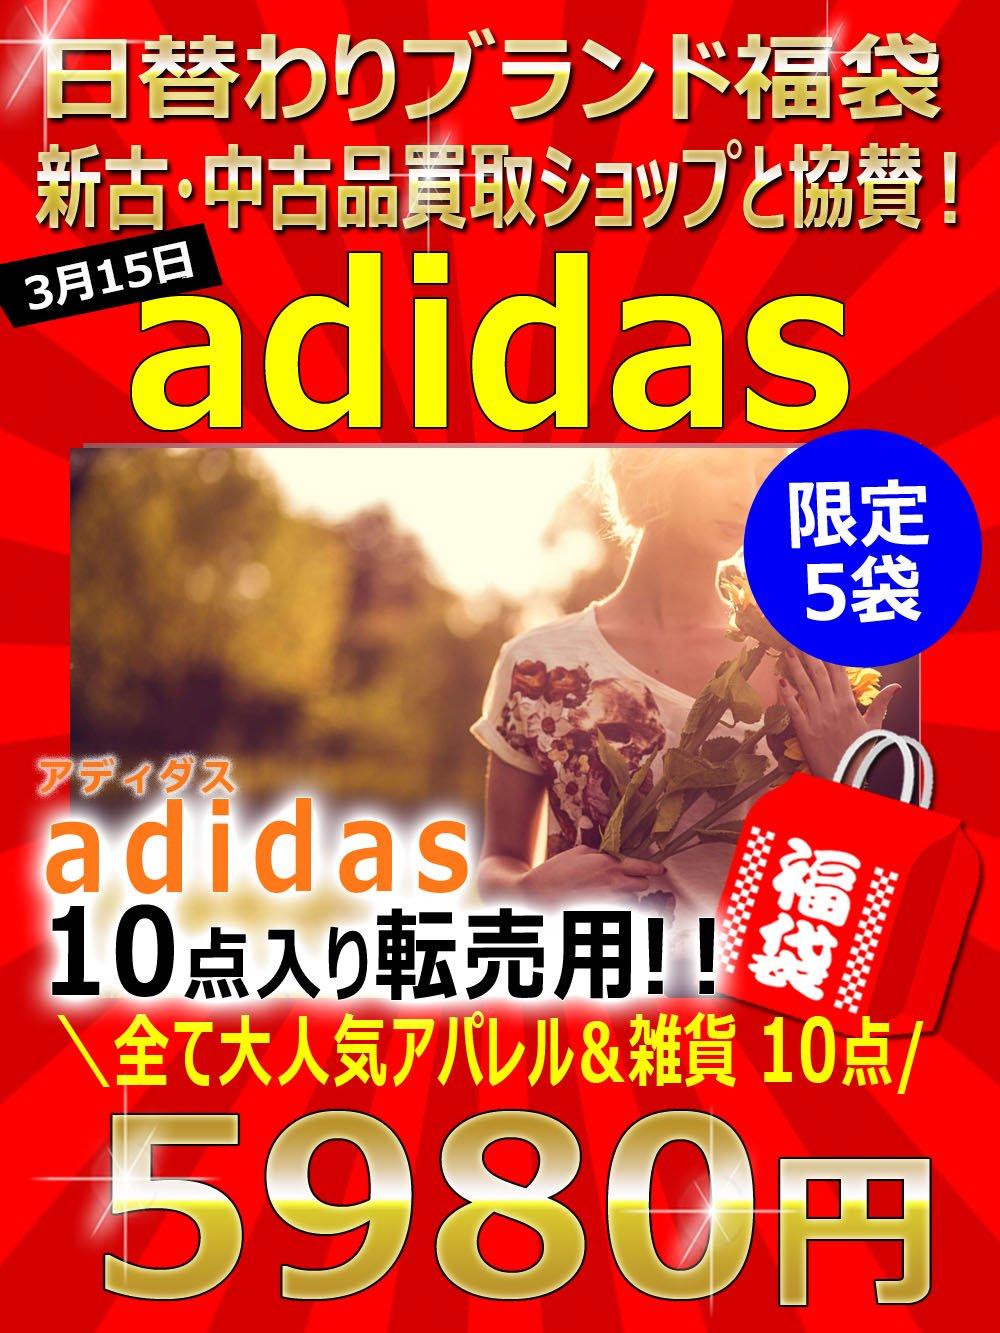 """限定5袋!日替わりブランド福袋!新古・中古ショップ協賛 """"adidas """"【10点】 5980円"""